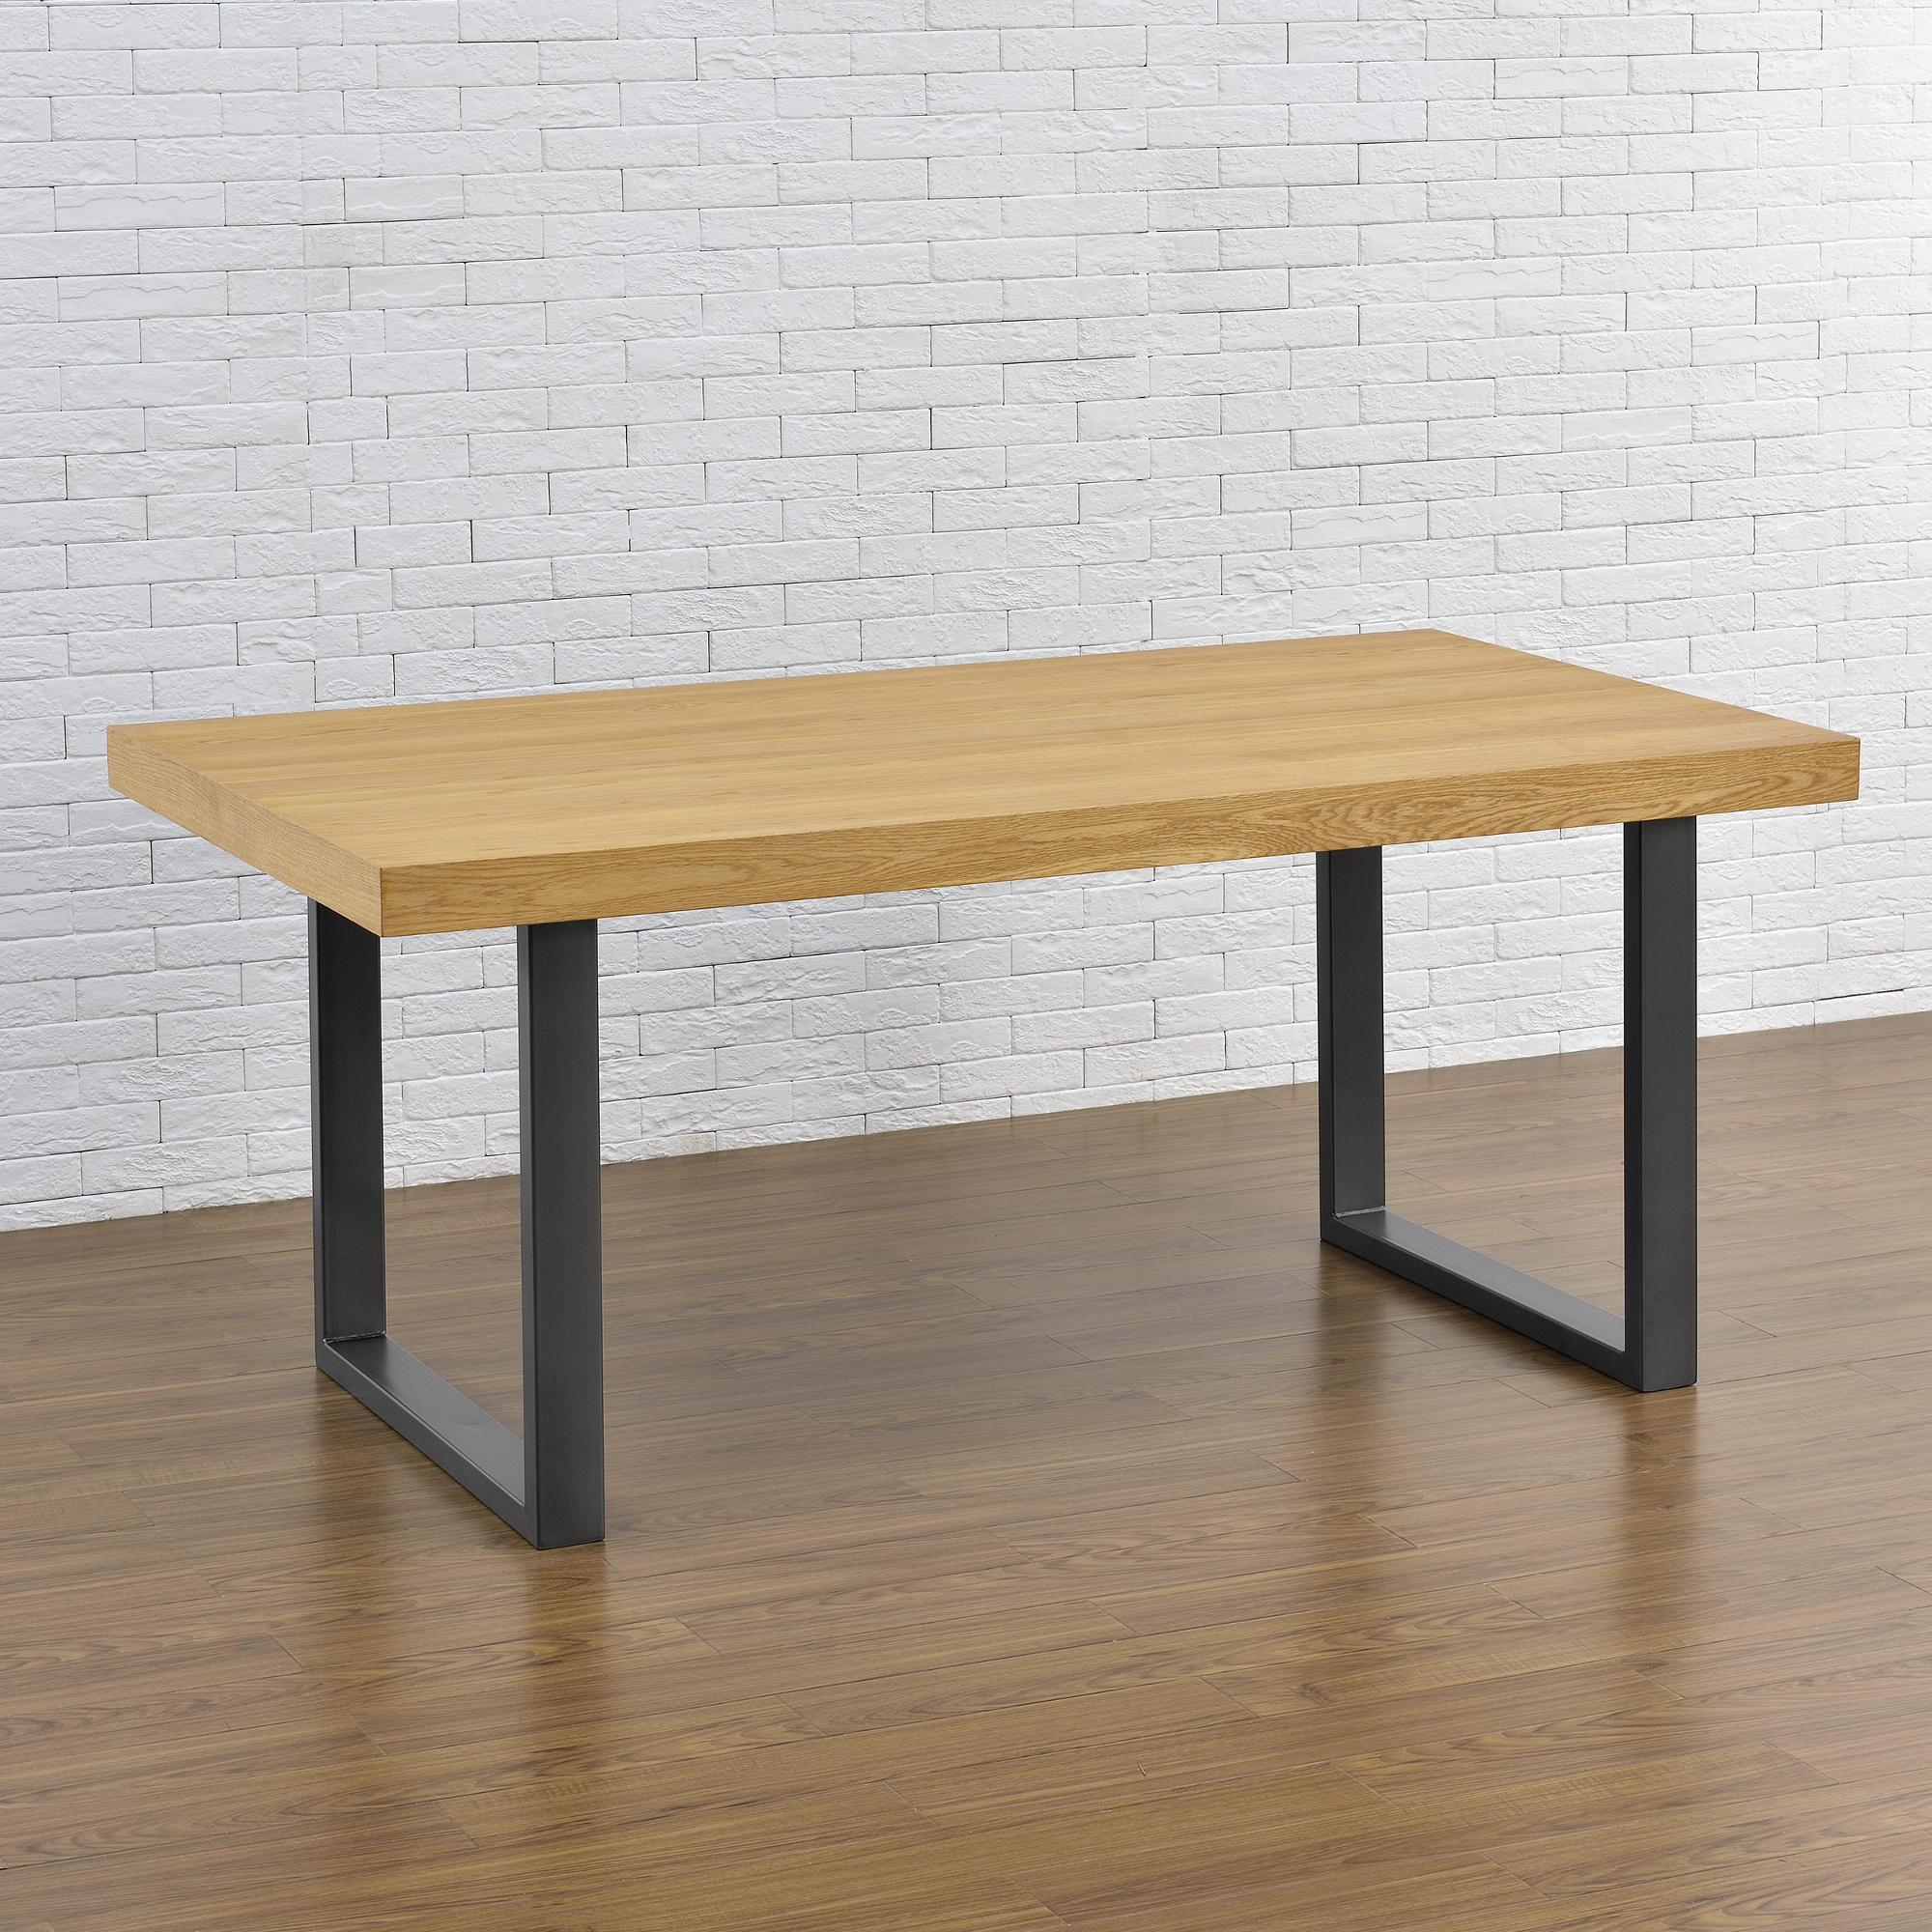 2x Tischkufen Tischgestell Tischbeine Tischbeine Tischuntergestell Golden